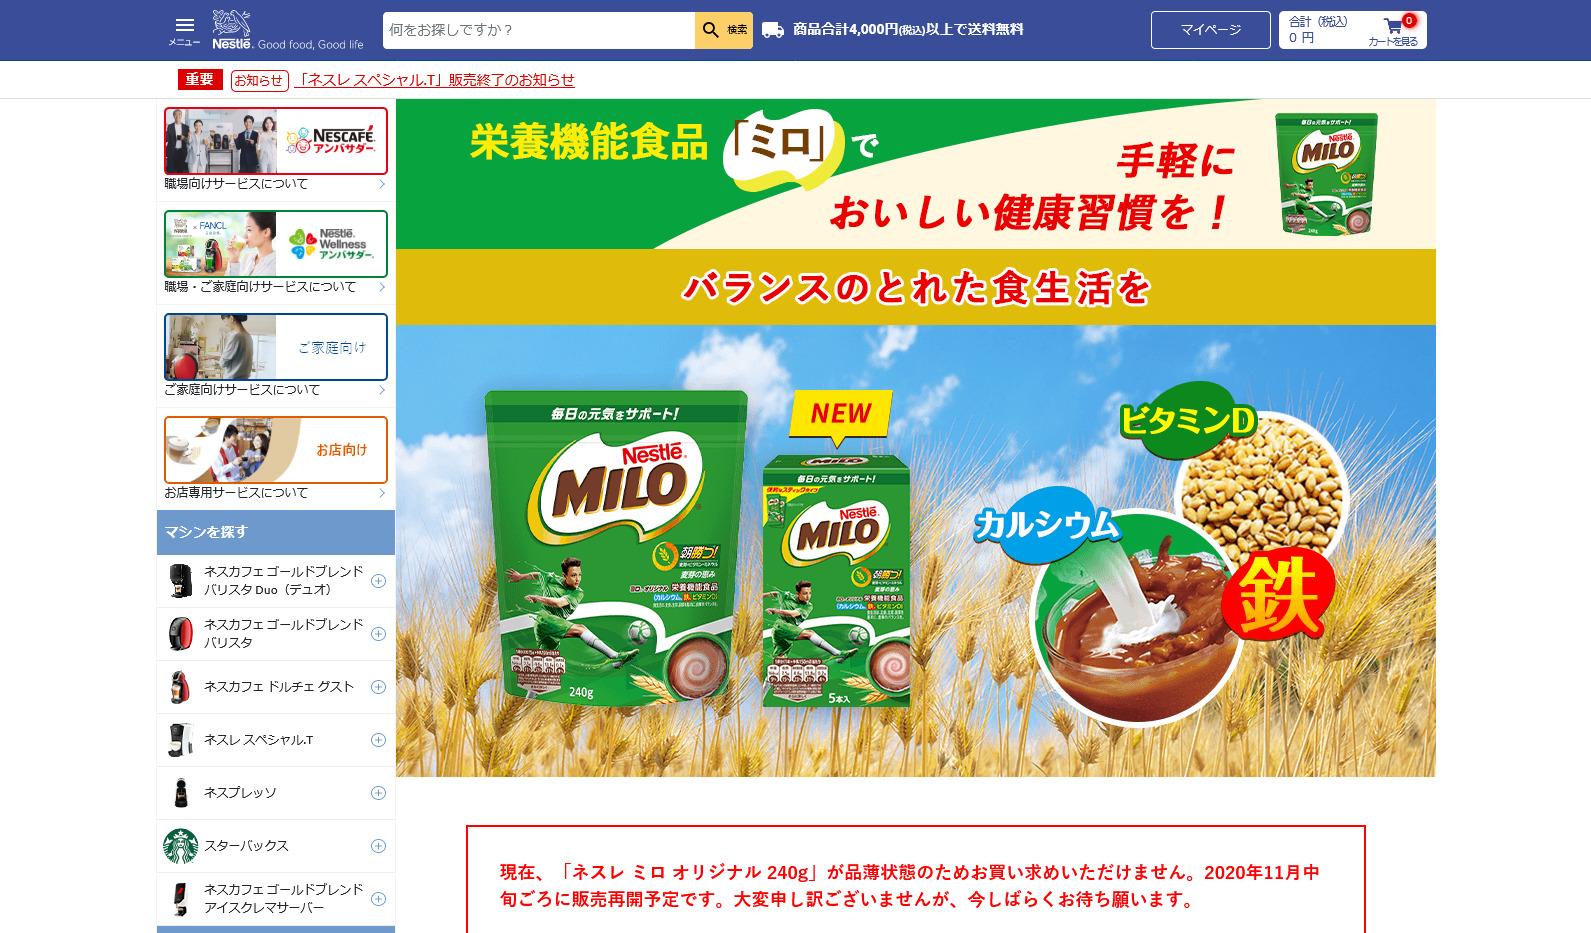 ミロ公式サイト